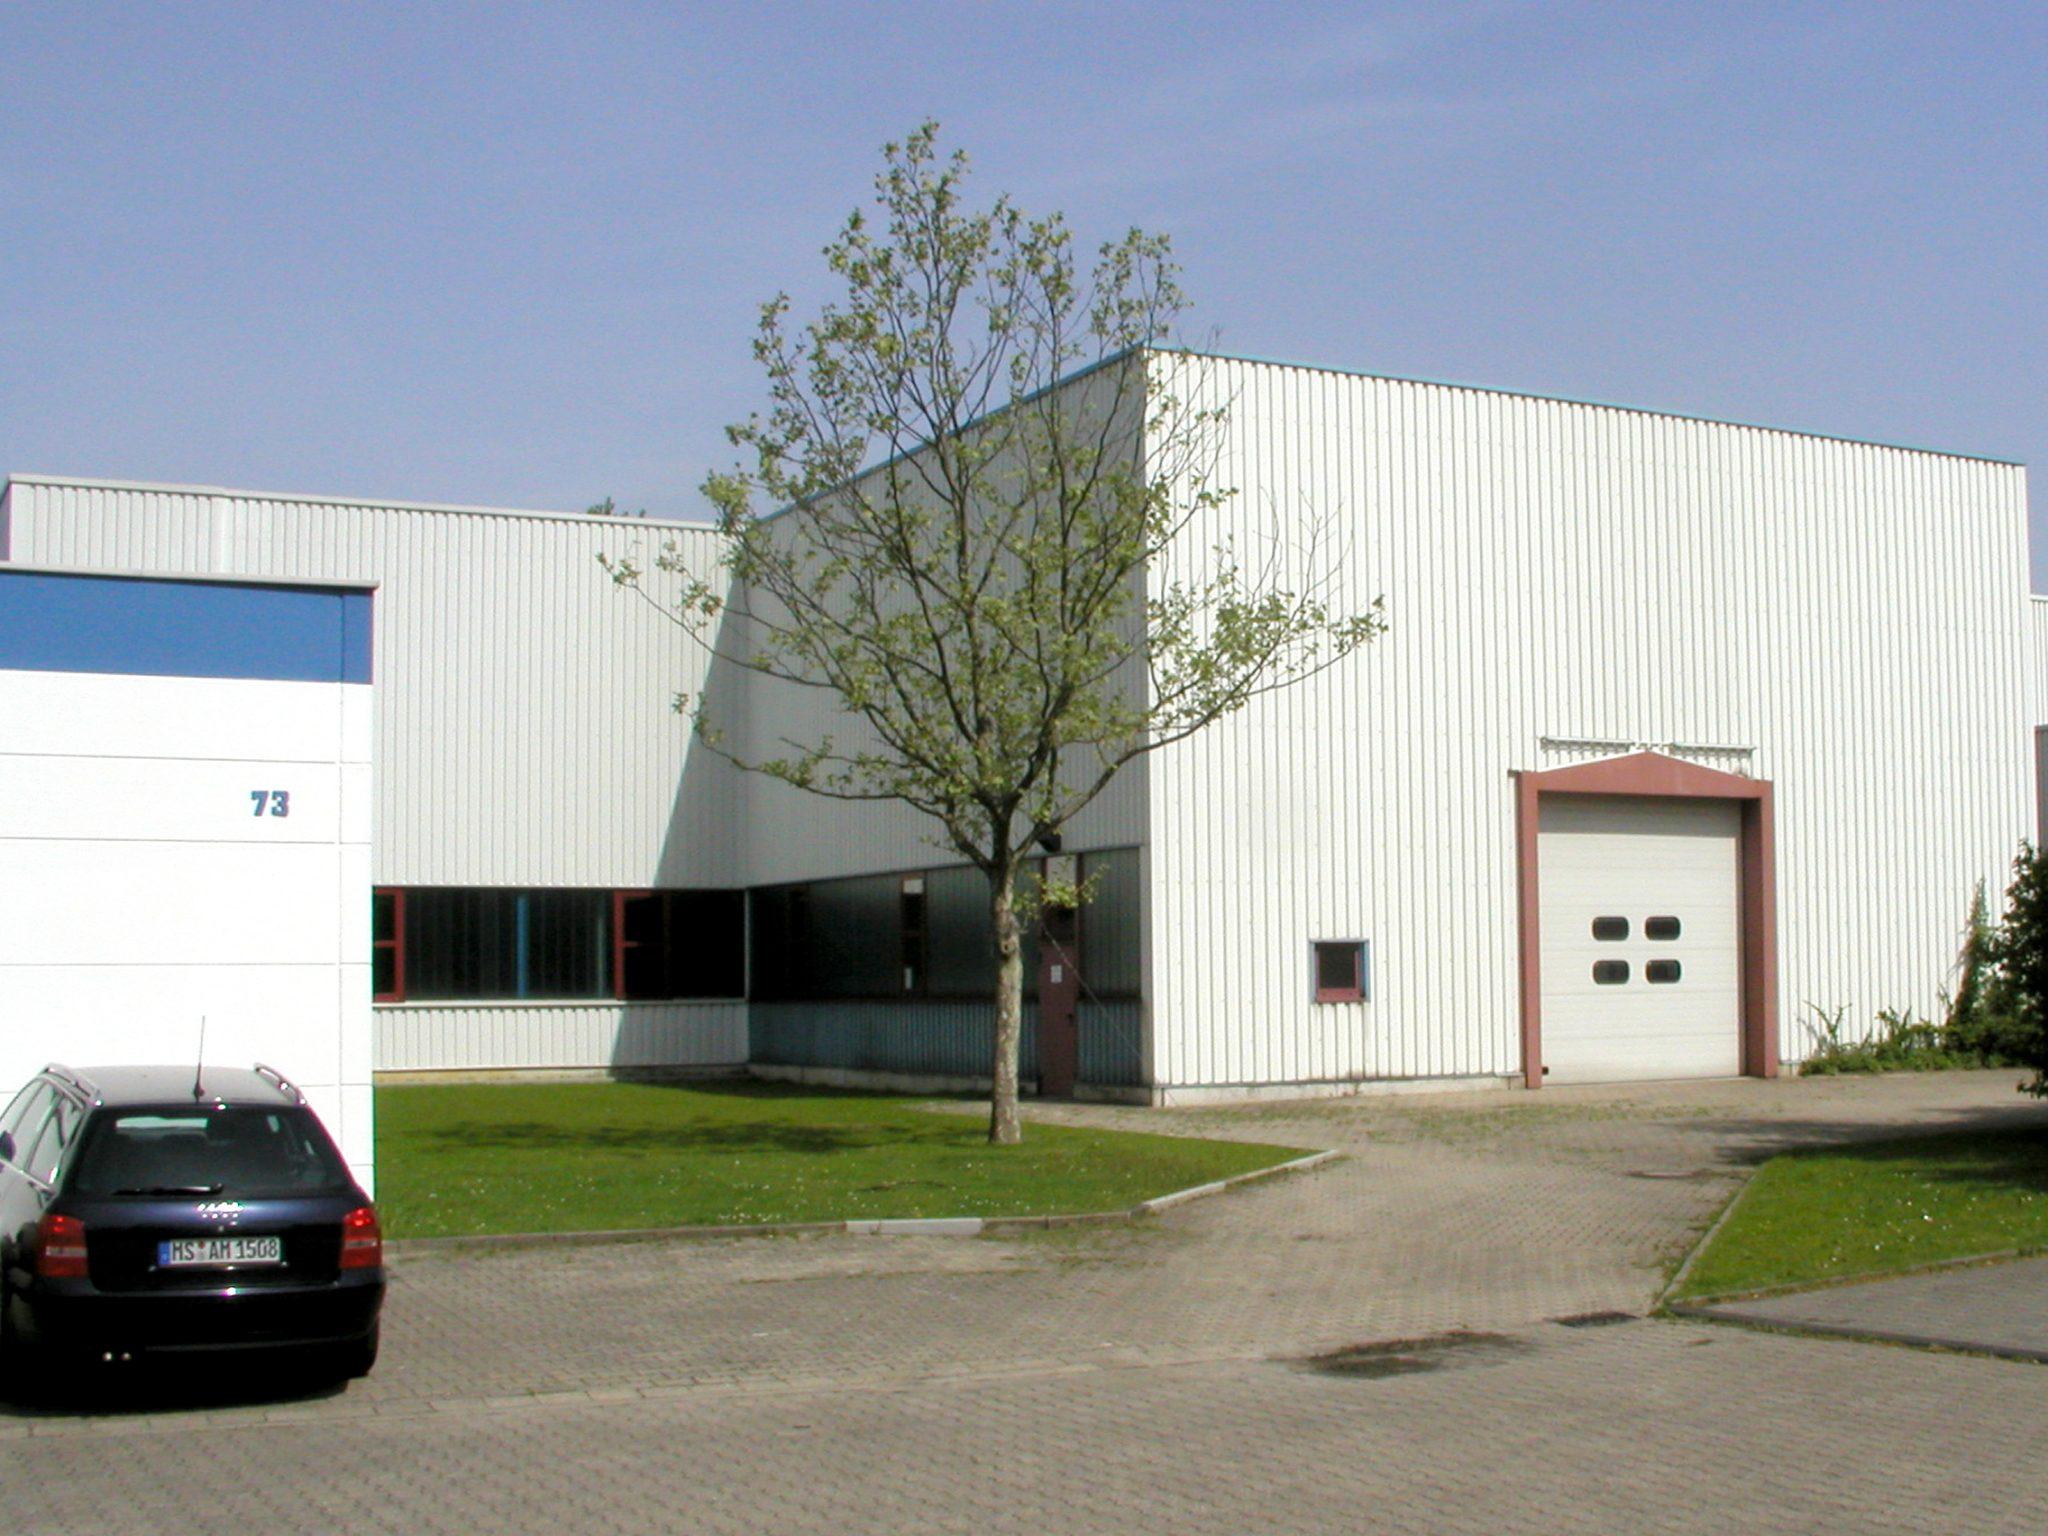 Versuchshalle mit seitlicher Erweiterung zum FLW-Bürogebäude